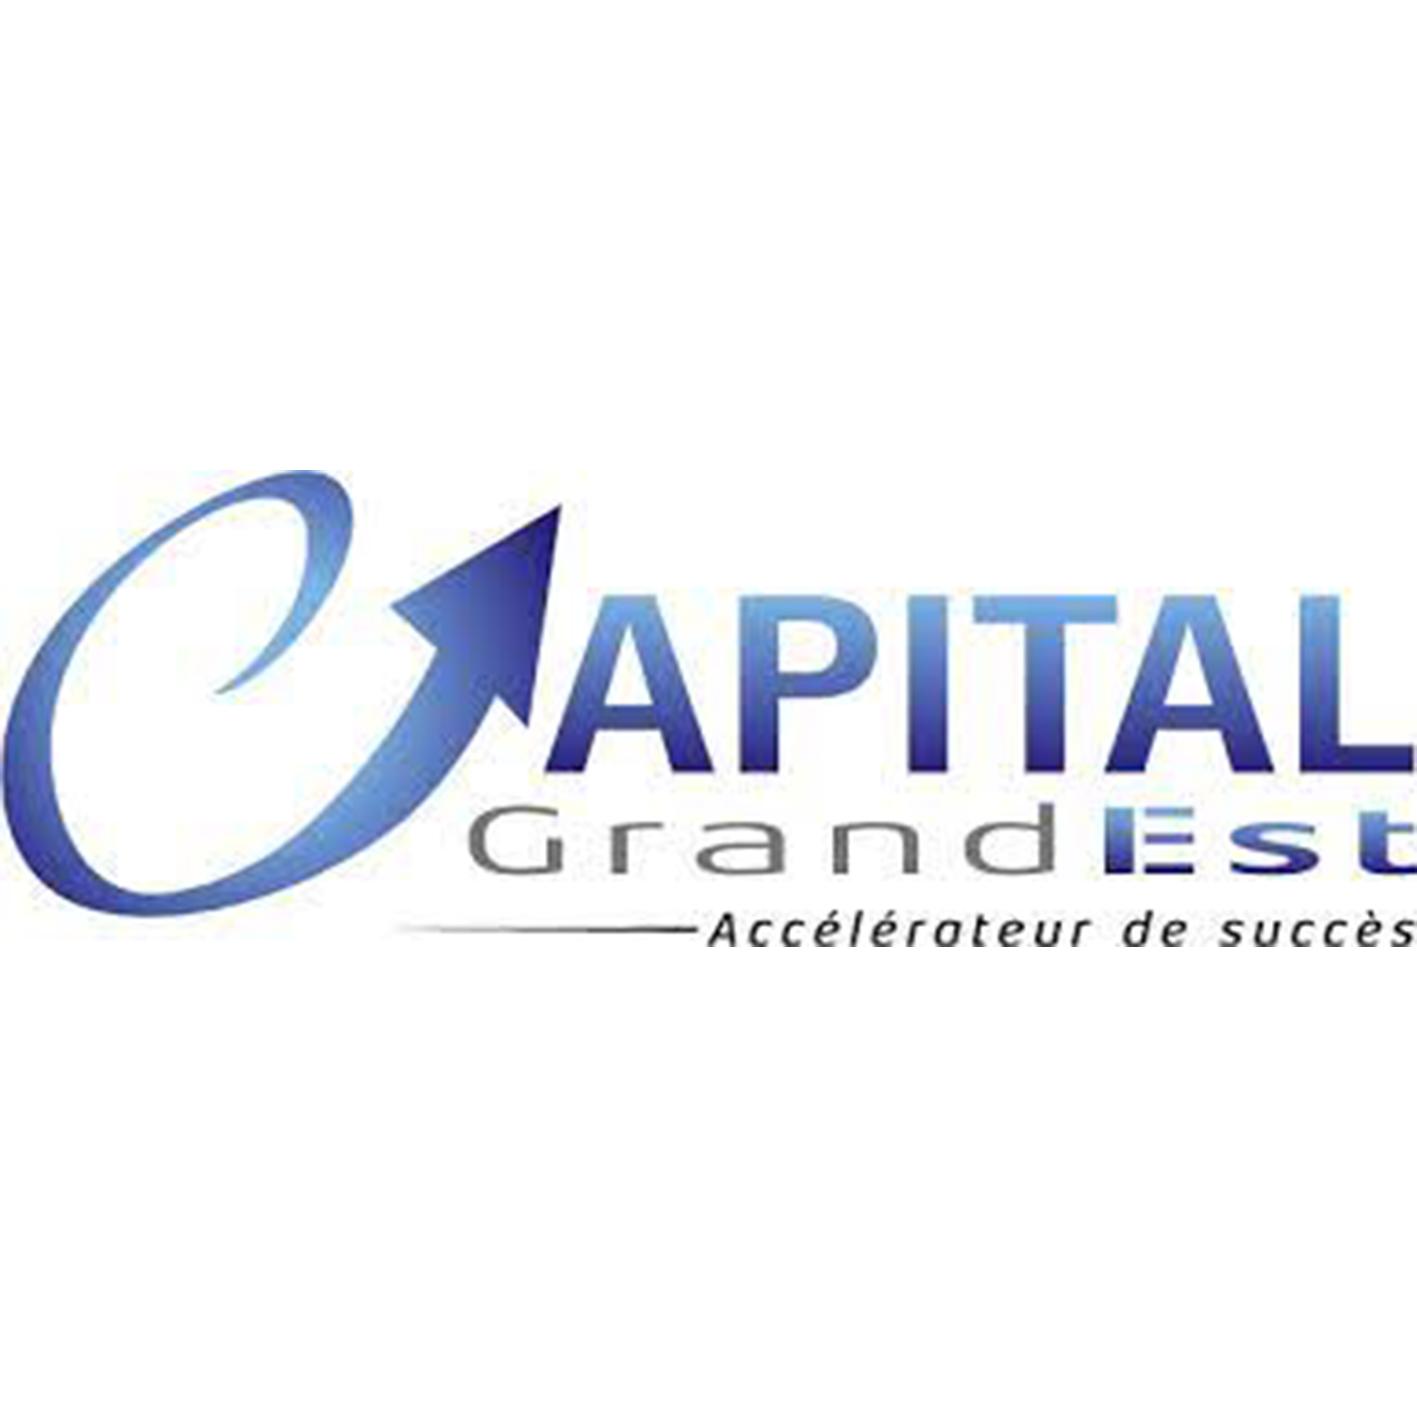 https://www.capitalgrandest.eu/